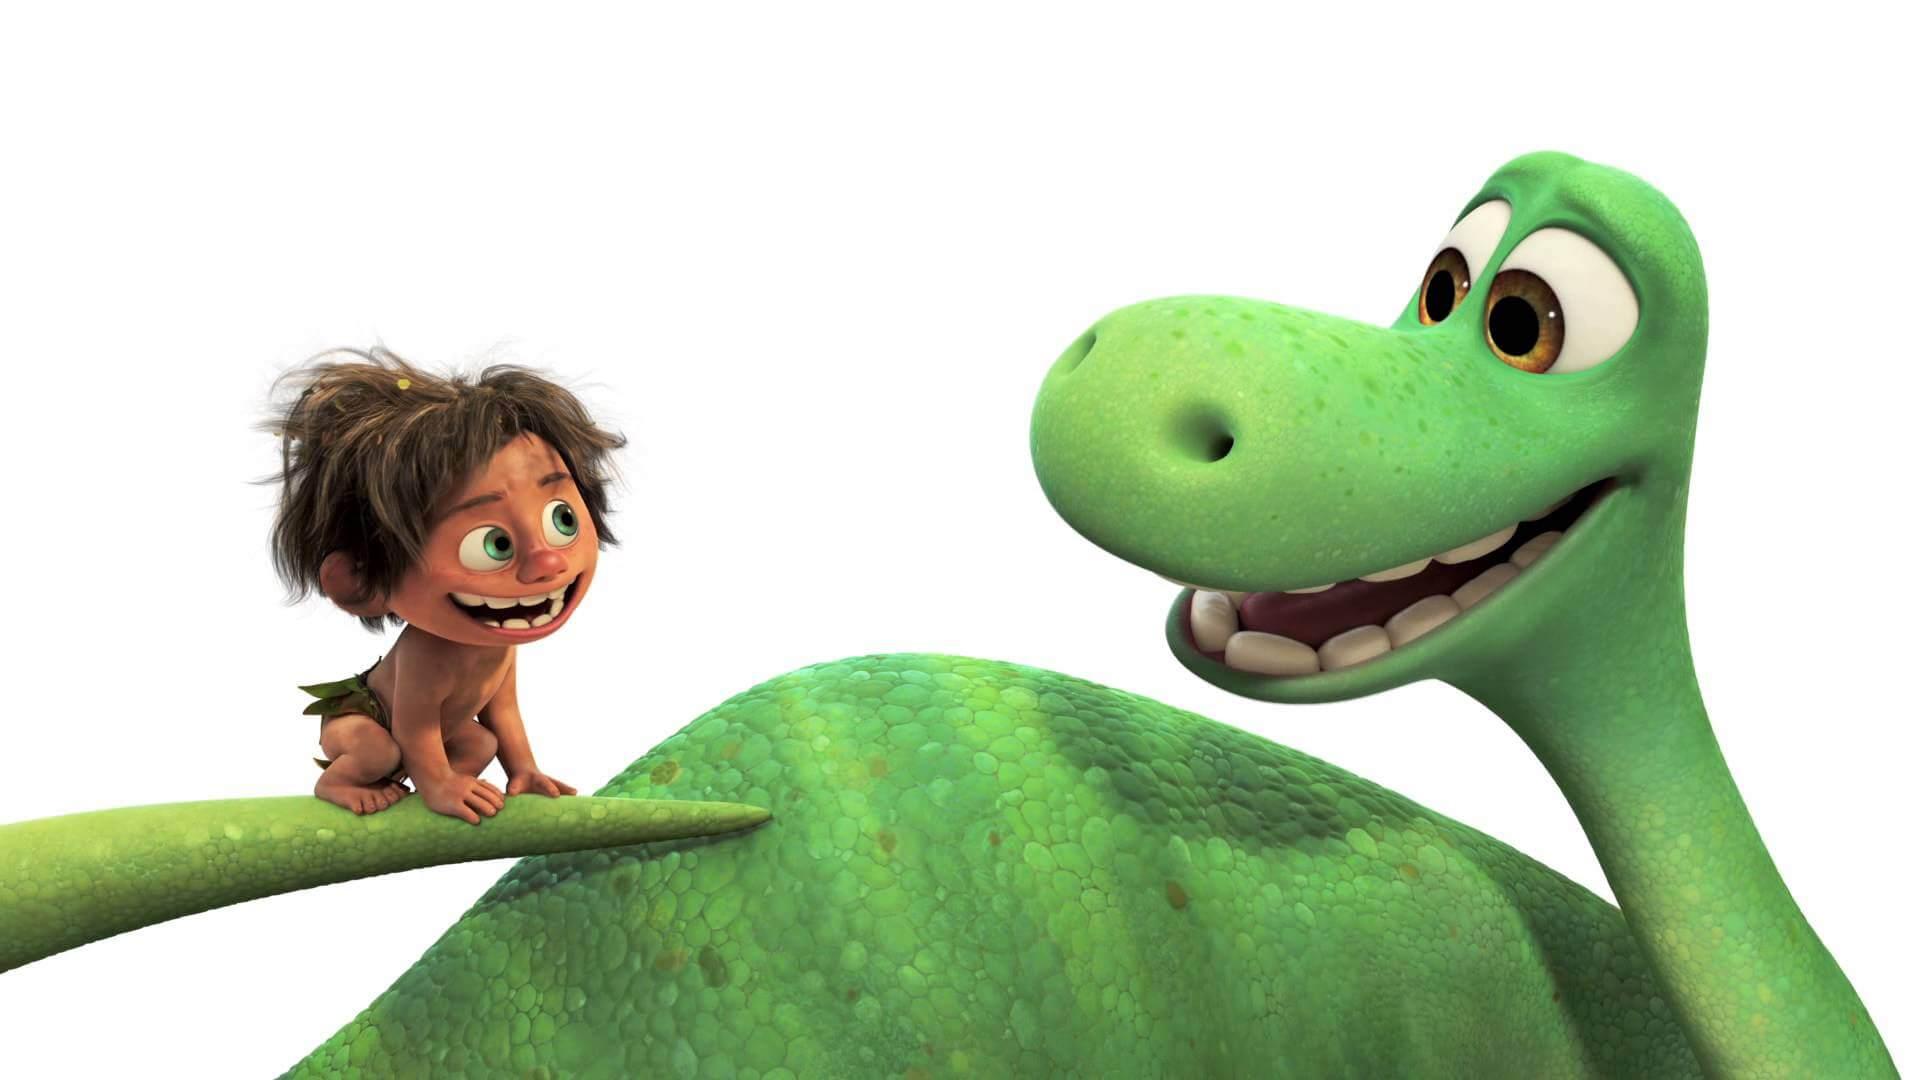 'La aventura de la vida' de Manuel Carrasco, El viaje de Arlo (The Good Dinosaur)